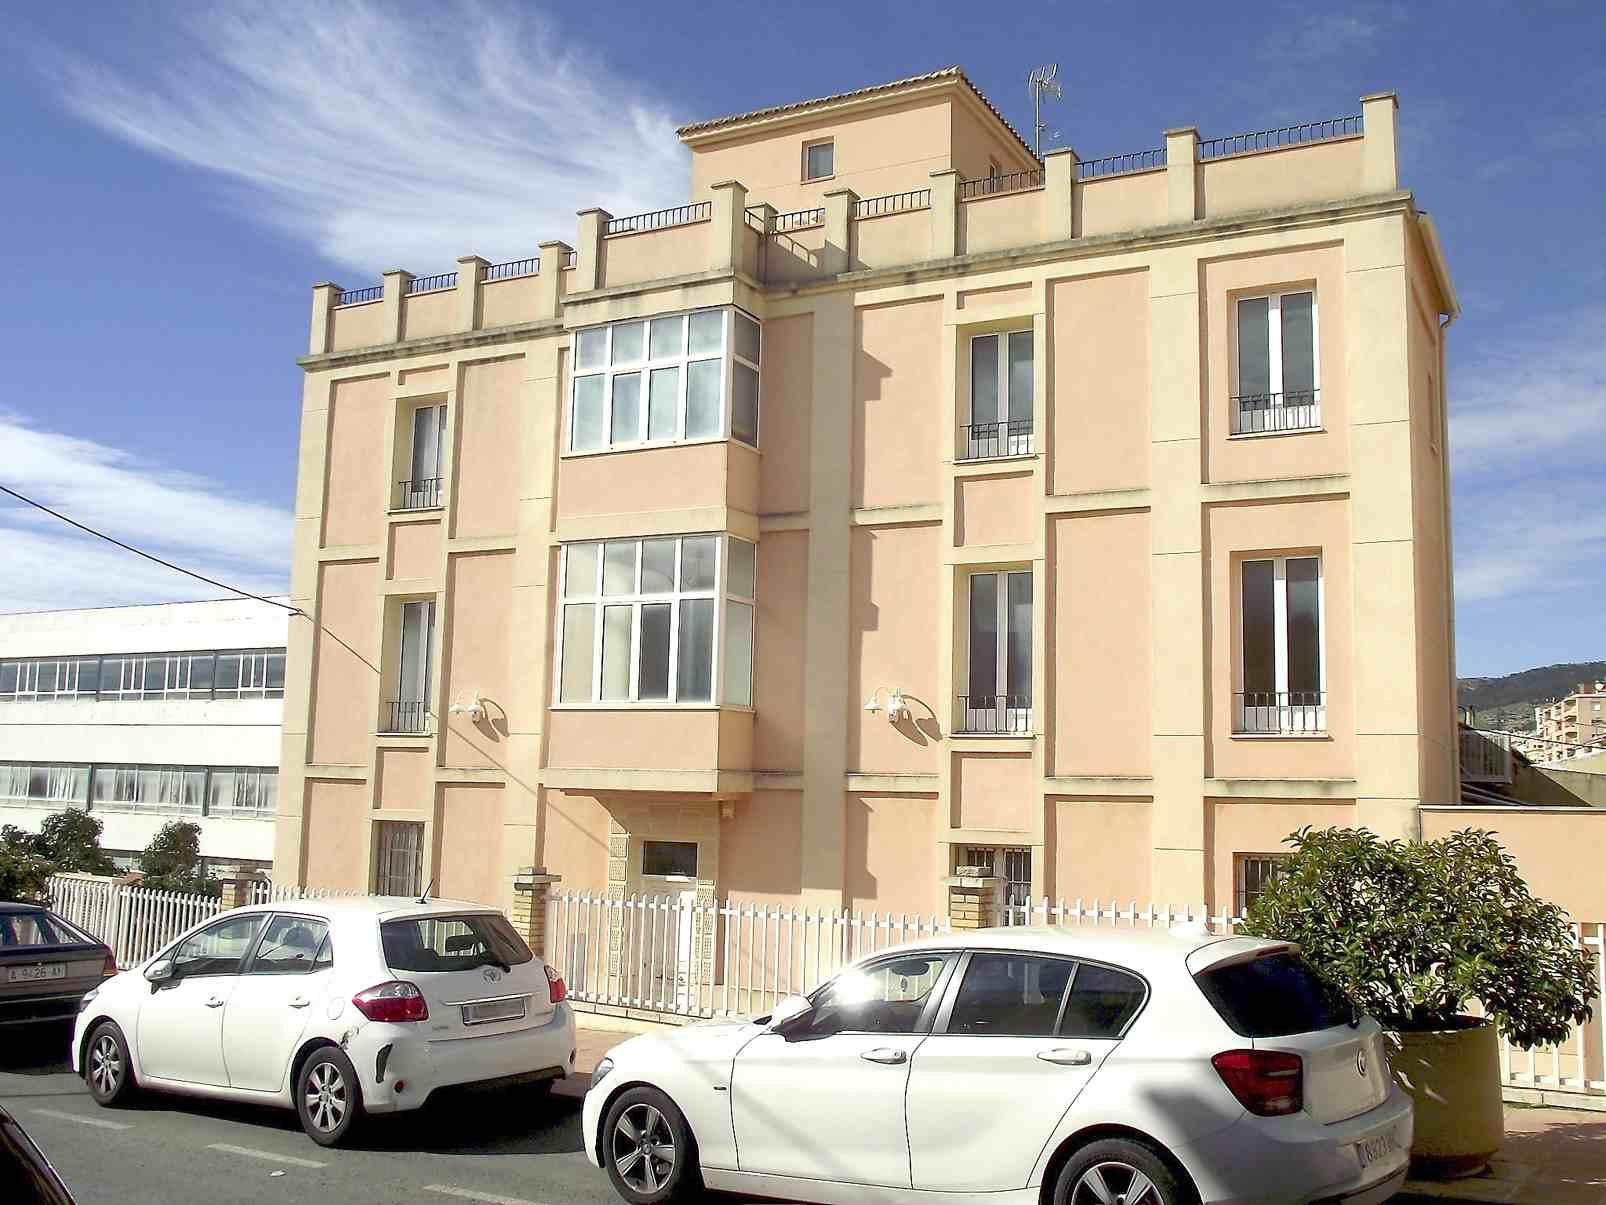 La Asociación de Paralíticos Cerebrales de Alicante instalará en la Casa Molina de Onil un Centro de Desarrollo Infantil y Atención Temprana